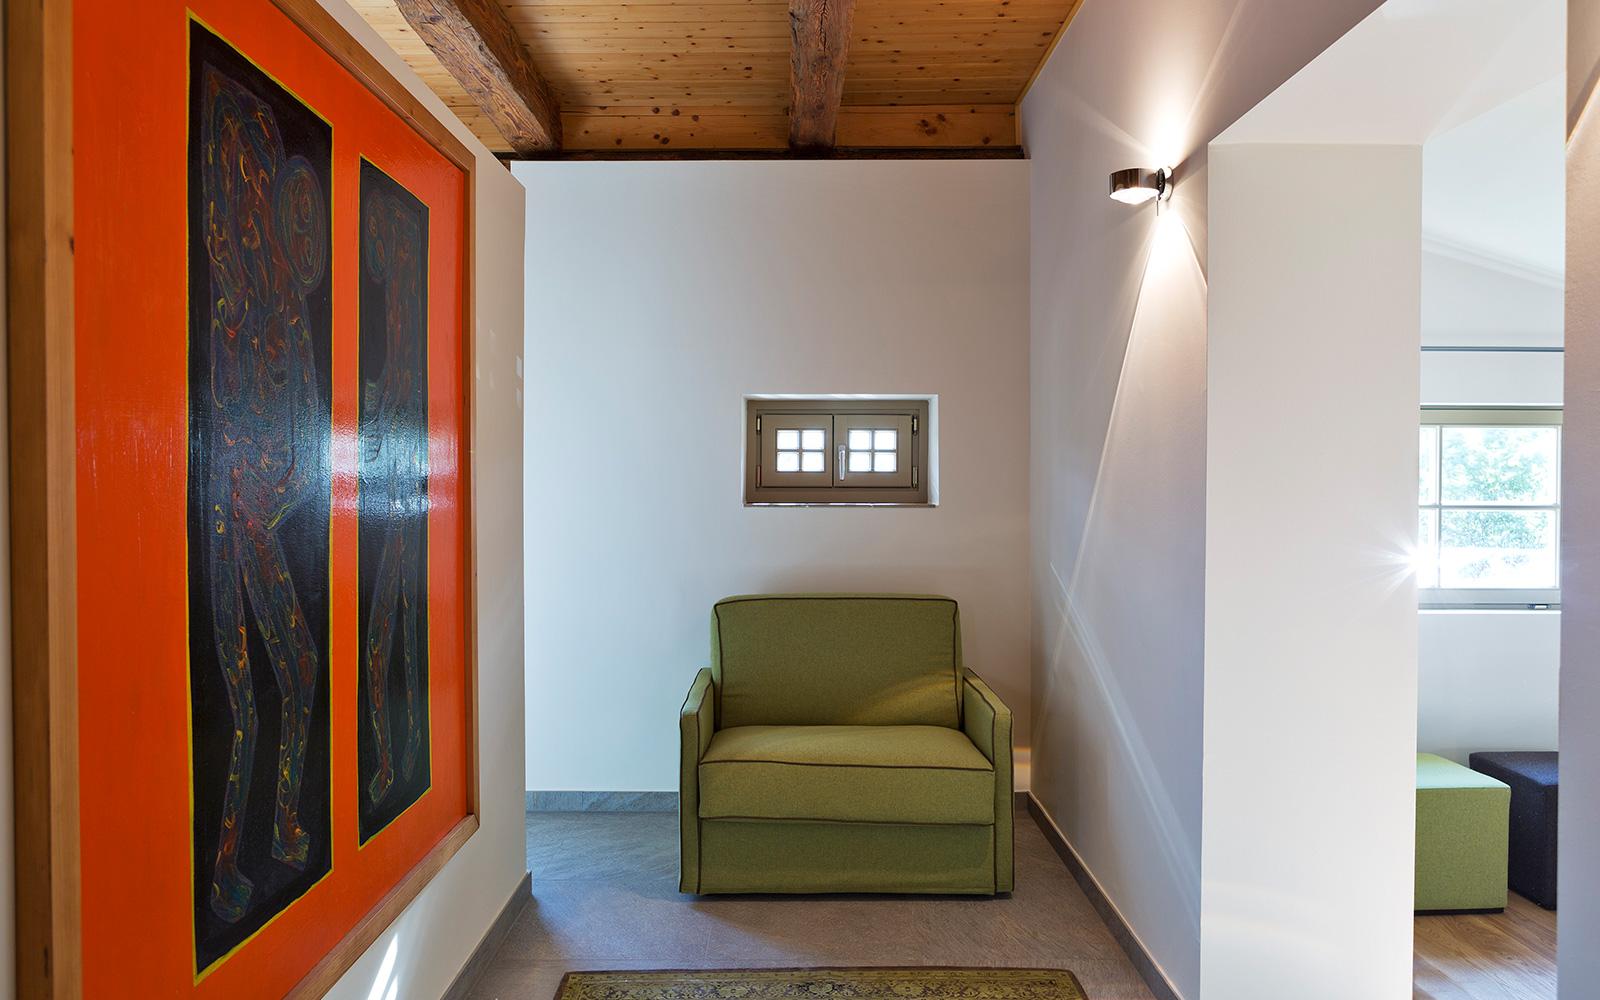 Hotel vincent home interior - Hotel vincent ...